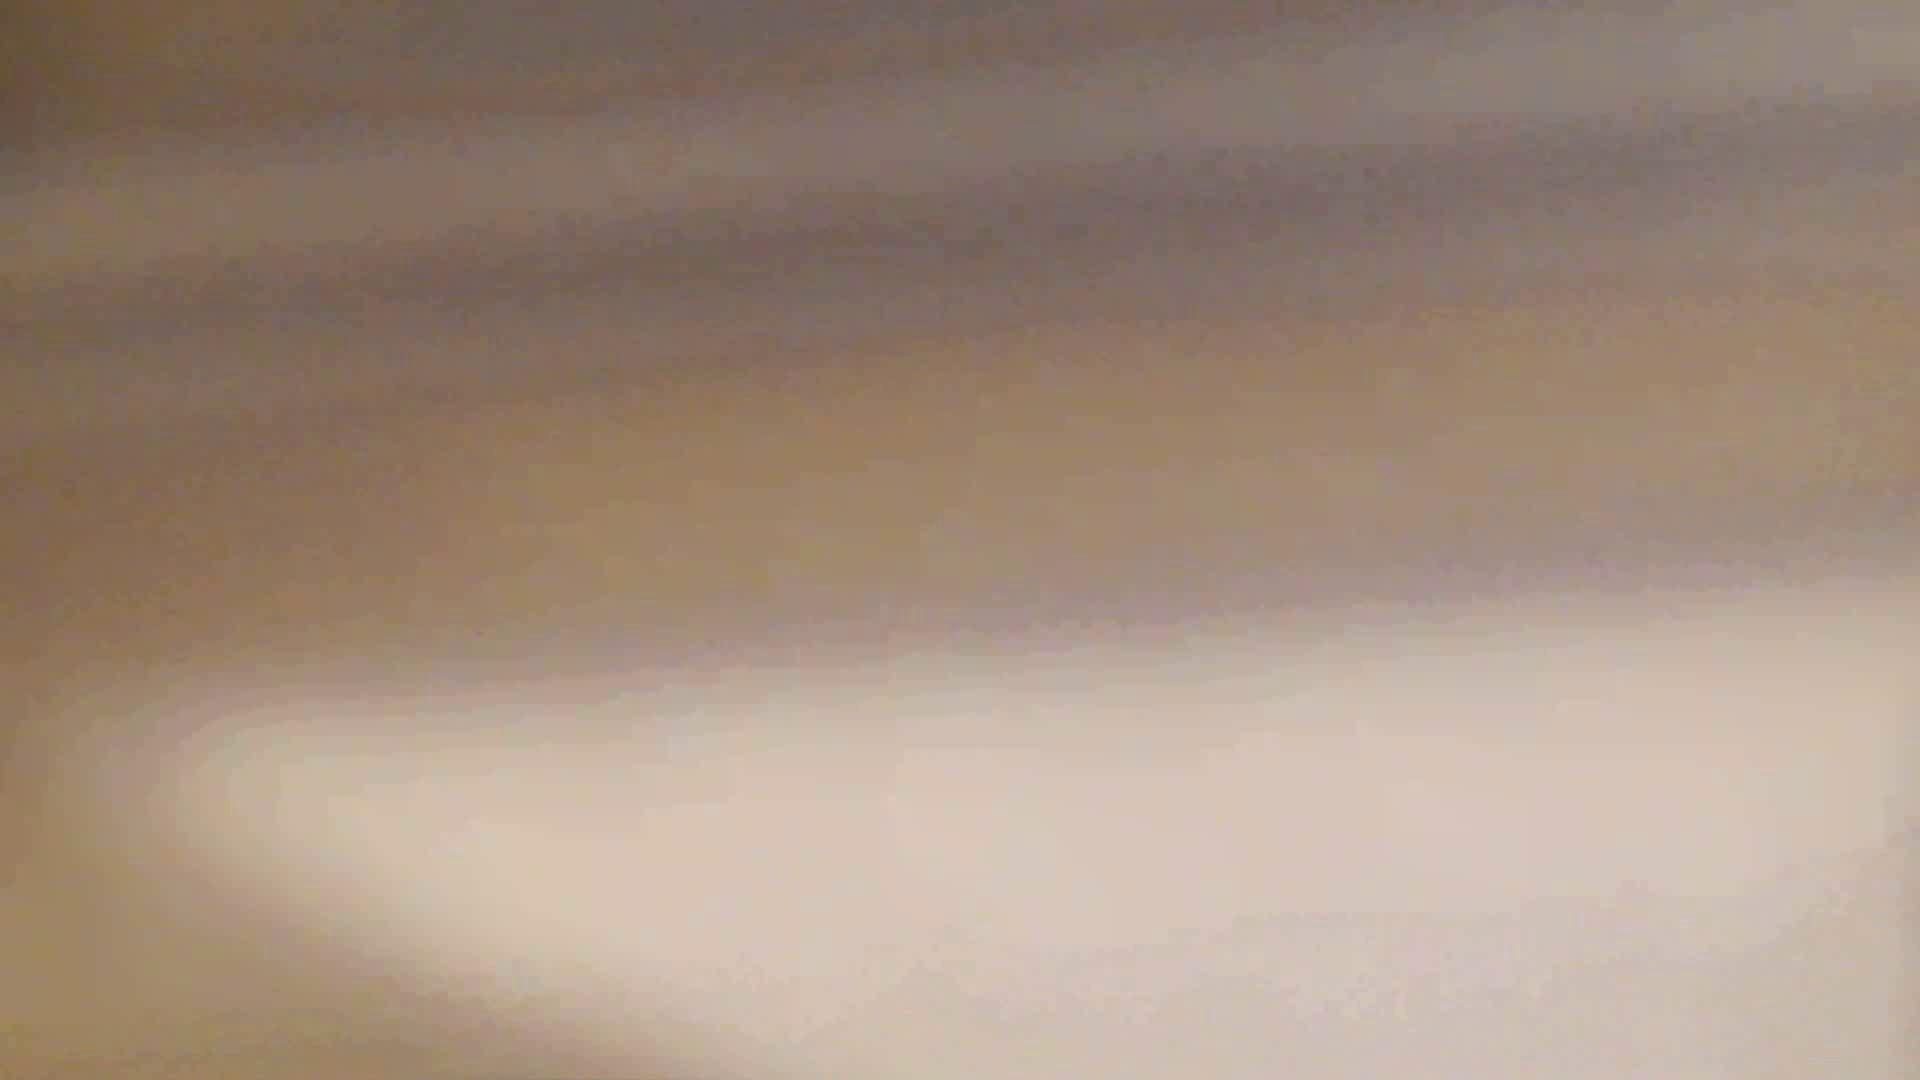 阿国ちゃんの「和式洋式七変化」No.17 美女  102PIX 95